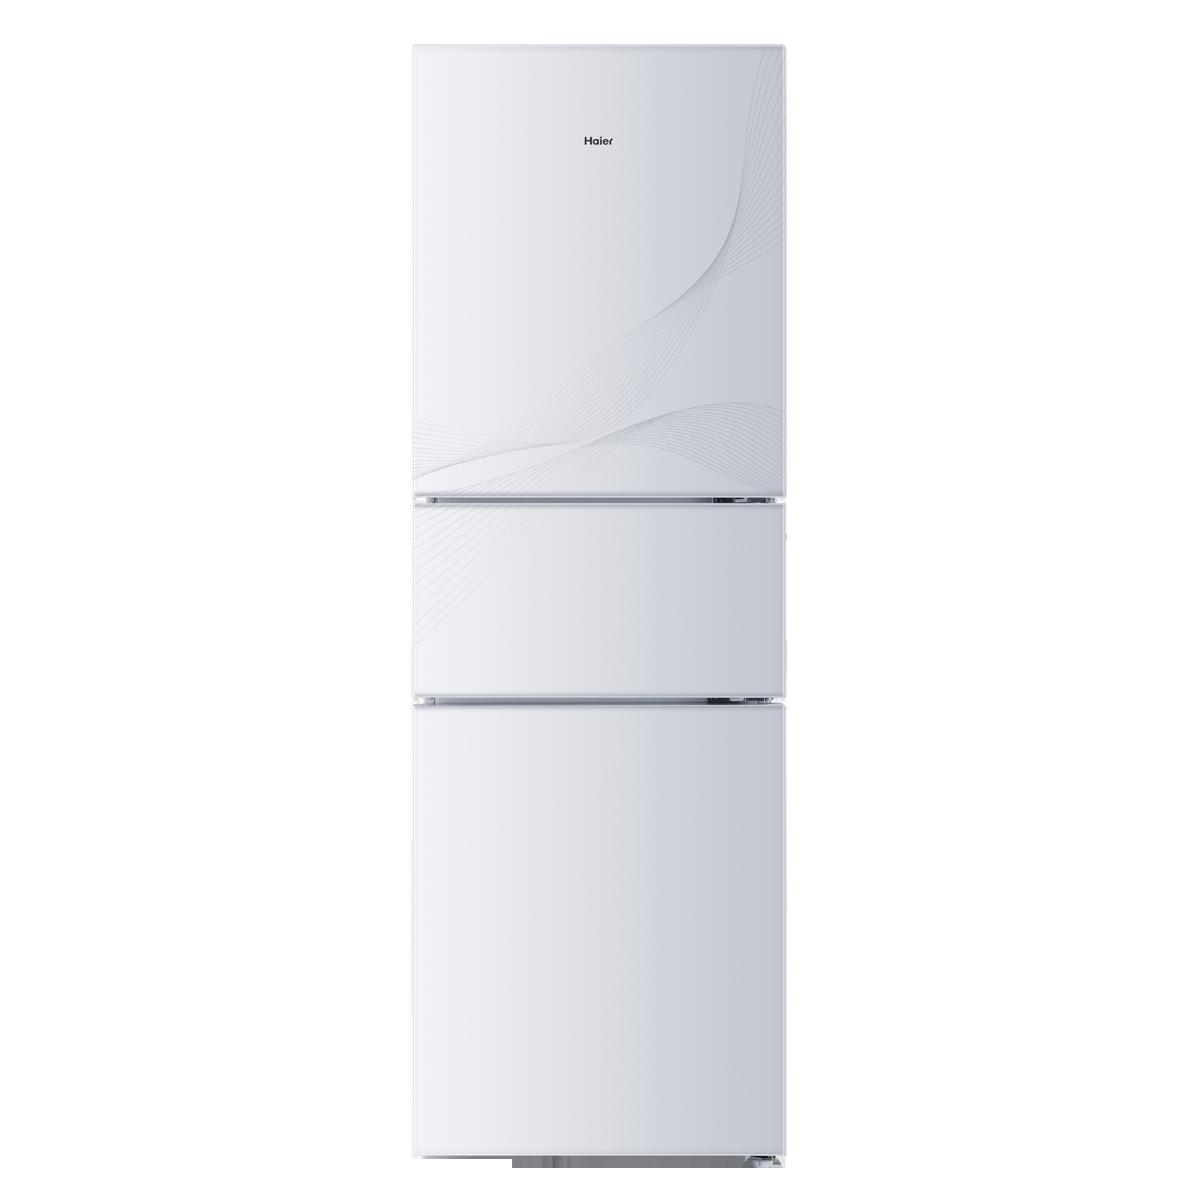 海尔Haier冰箱 BCD-215SKCA 说明书